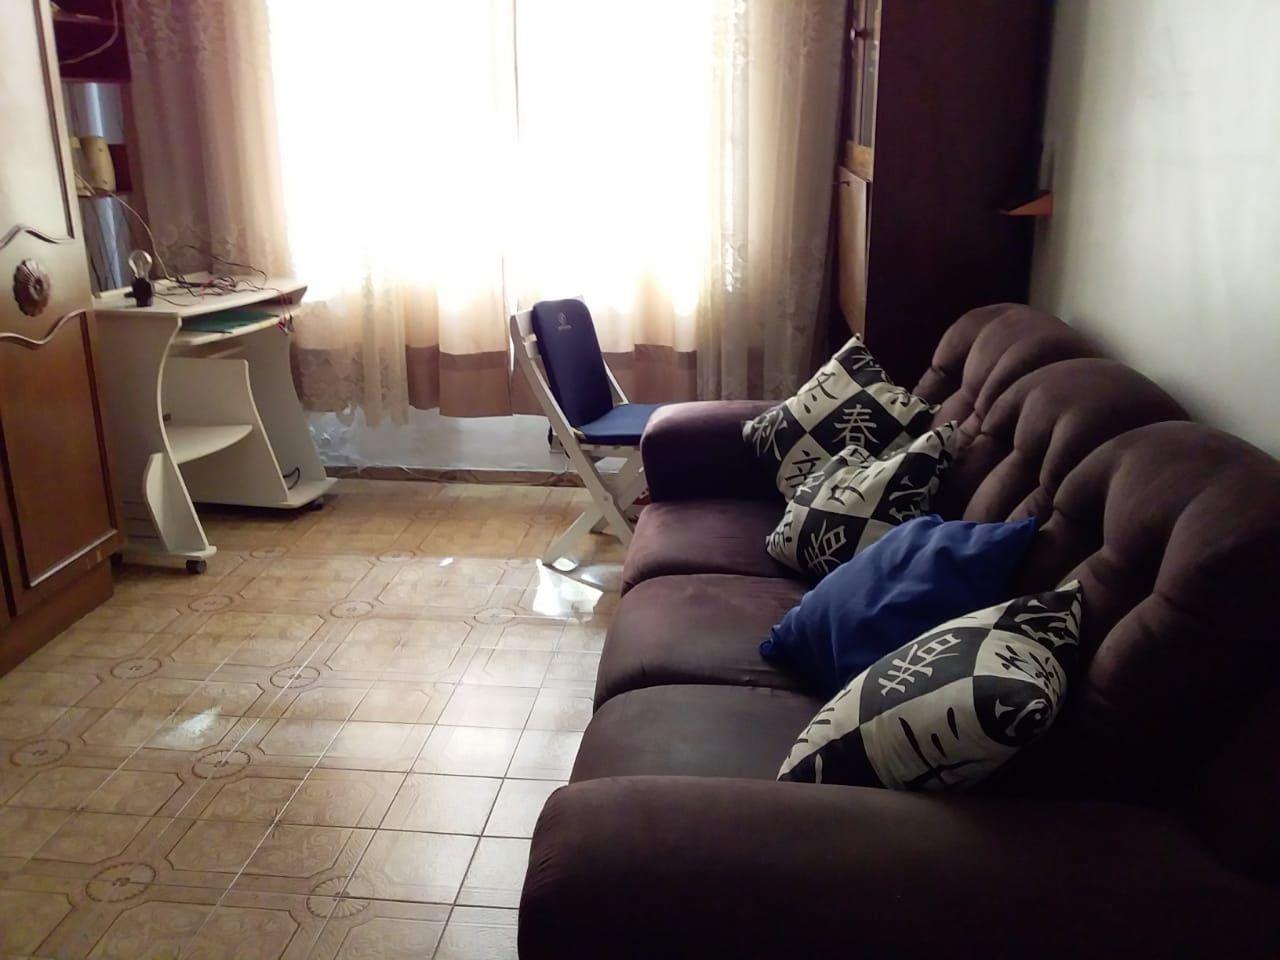 FOTO 9 - Casa à venda Rua Jagoroaba,Vila Valqueire, Rio de Janeiro - R$ 1.500.000 - RF200 - 10